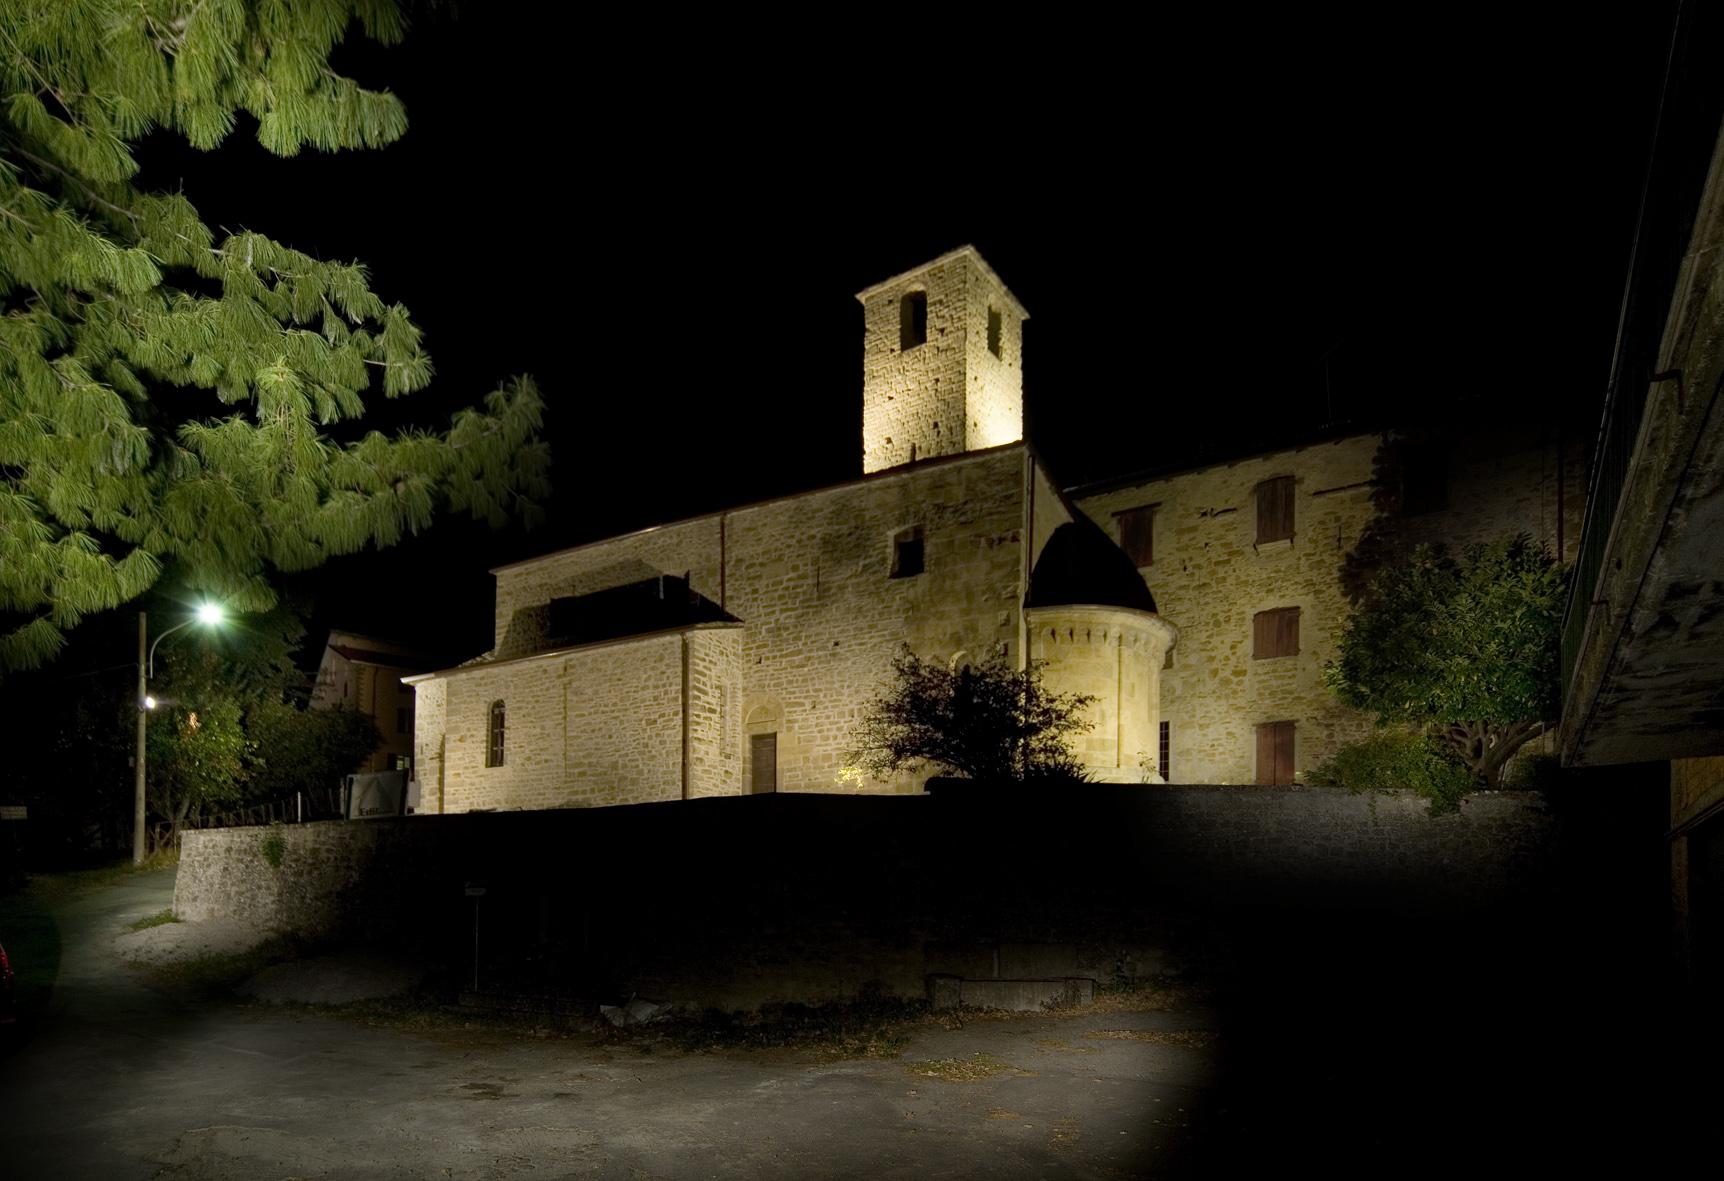 Estate delle Pievi - Moragnano - Chiesa di Santa Giuliana - Credit Parma Turismi (1).jpg